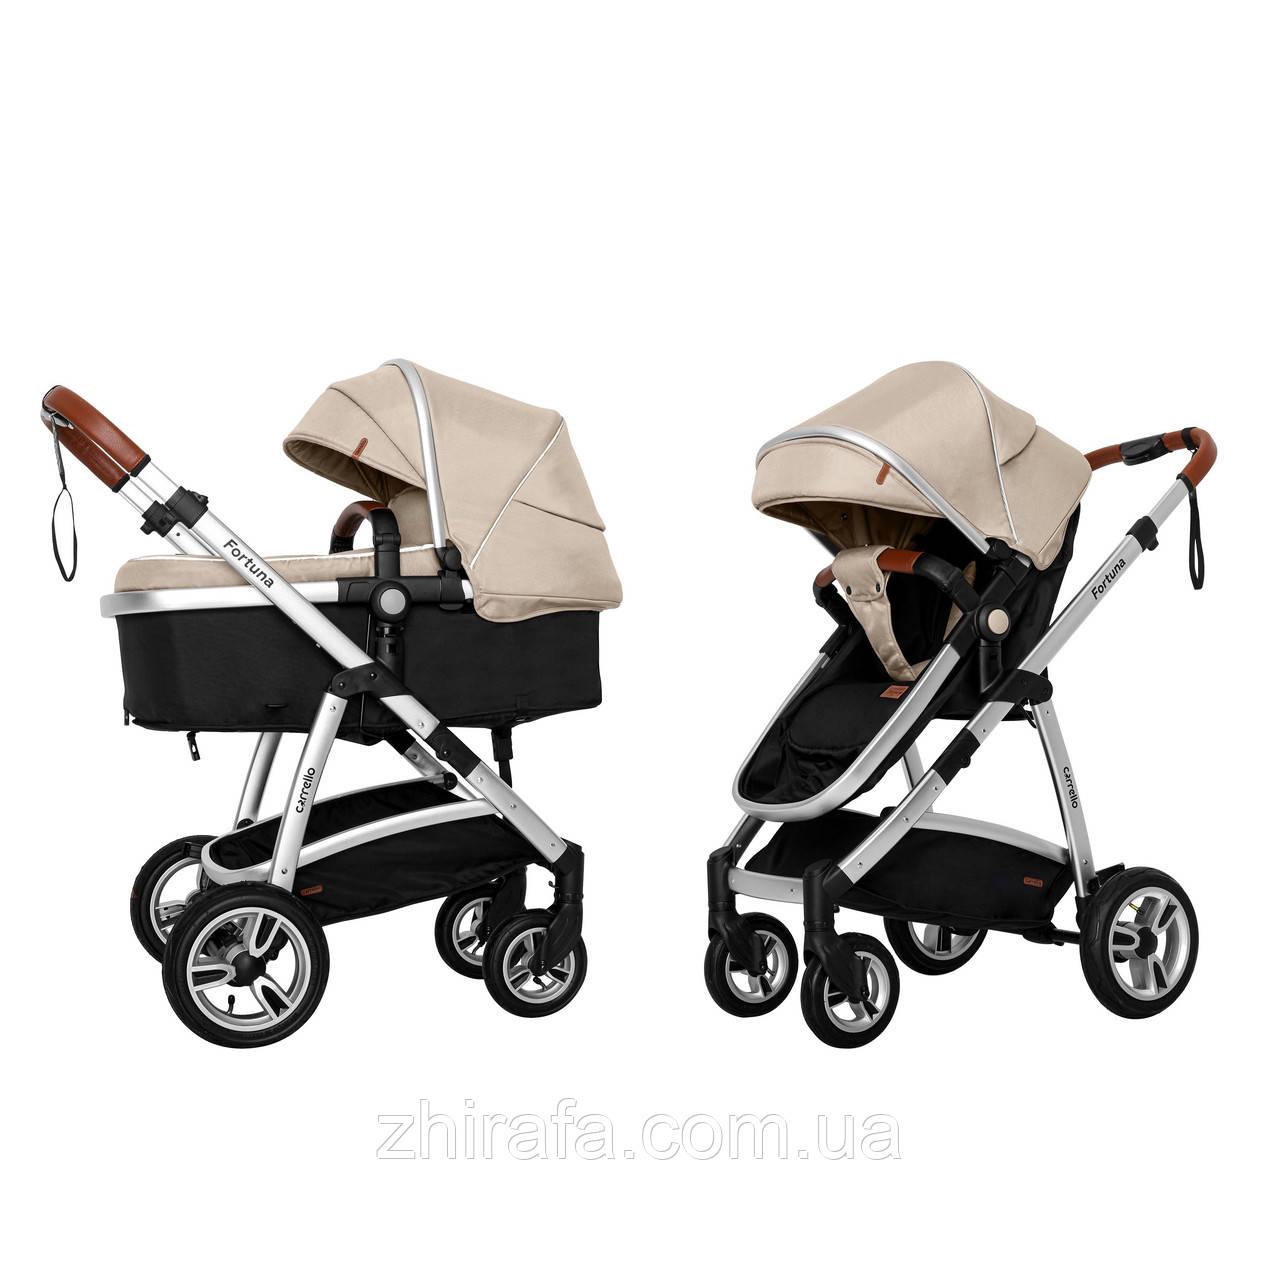 Детская коляска-трансформер 2 в 1 CARRELLO Fortuna. С матрасиком